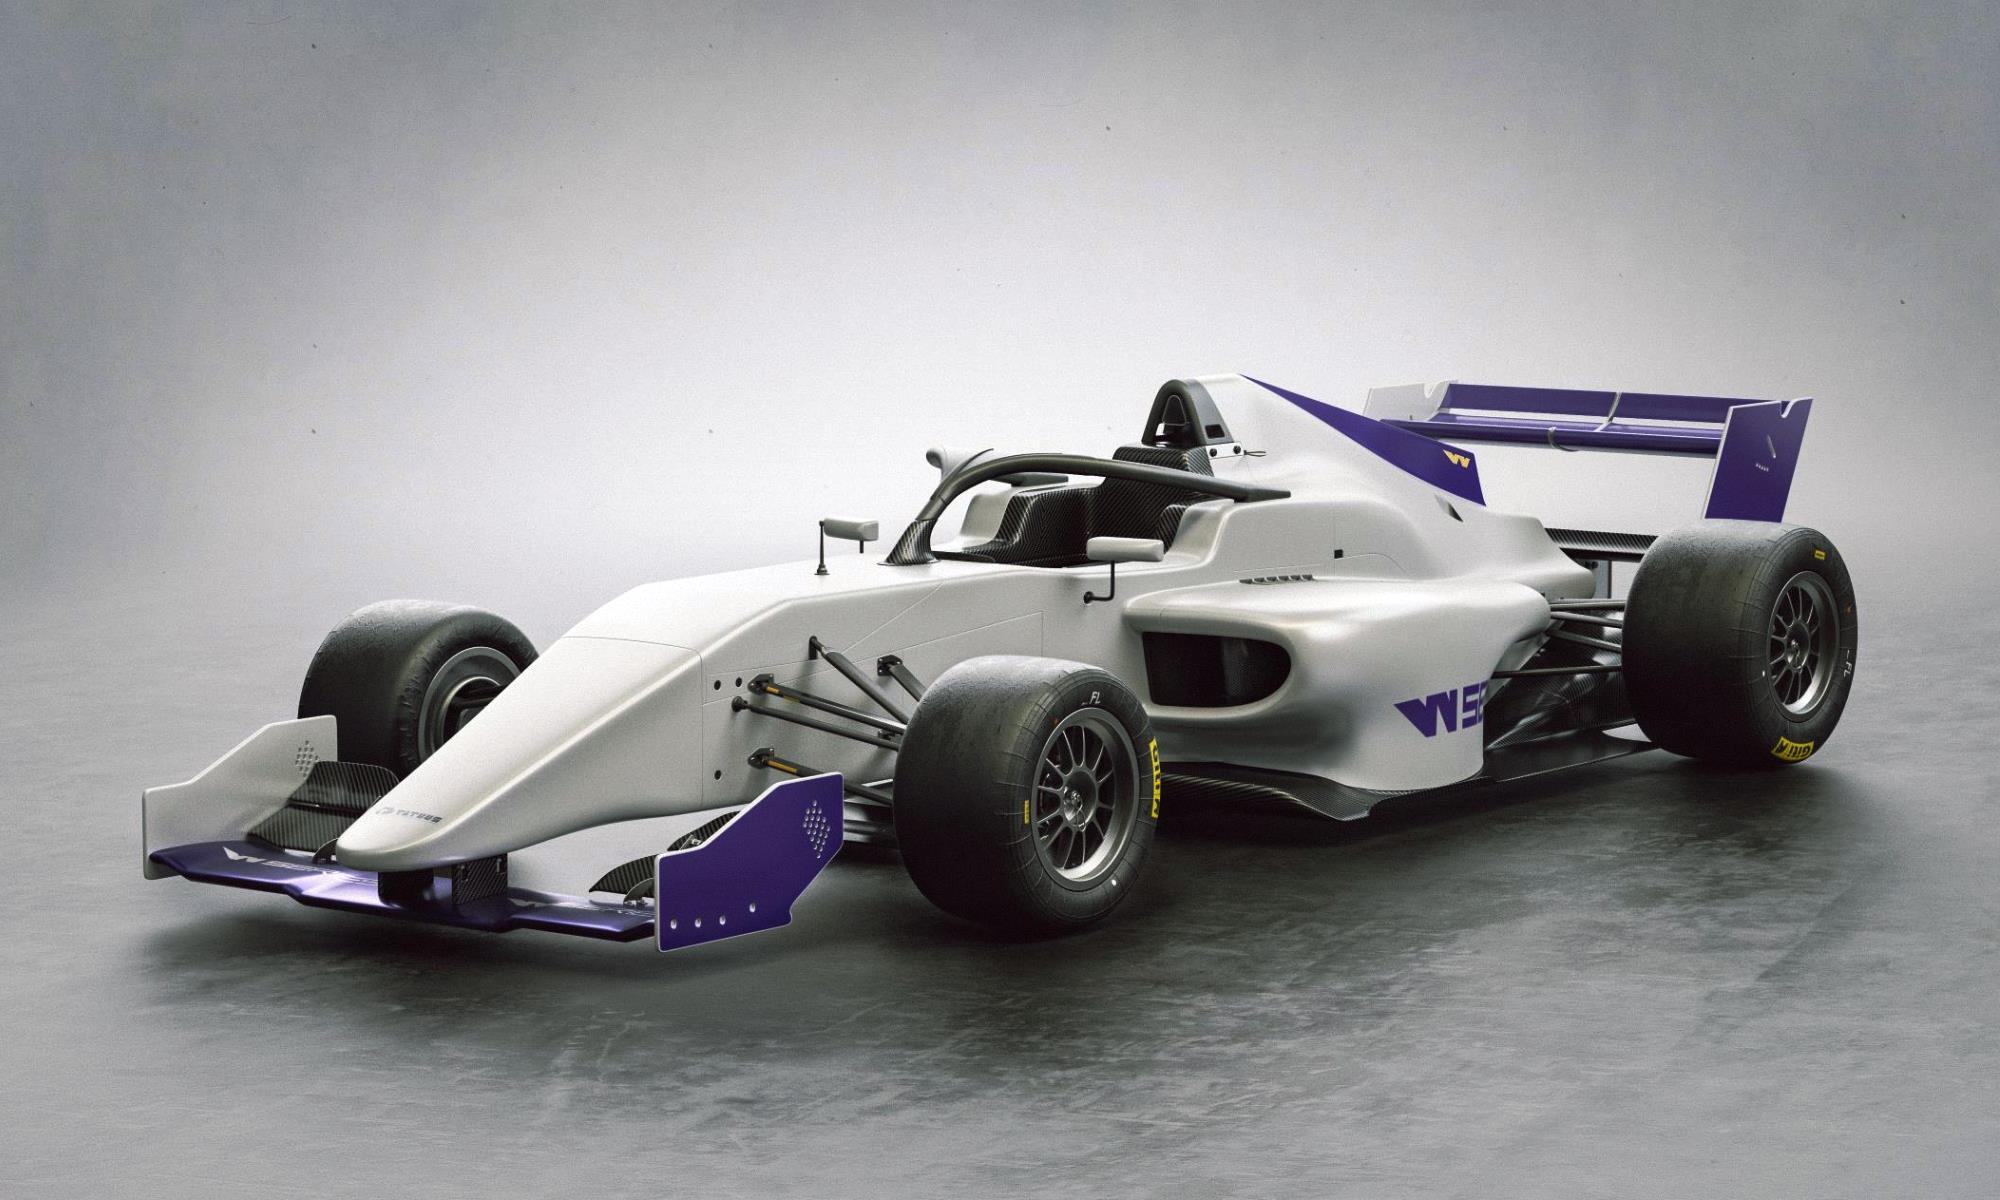 W Series drivers list